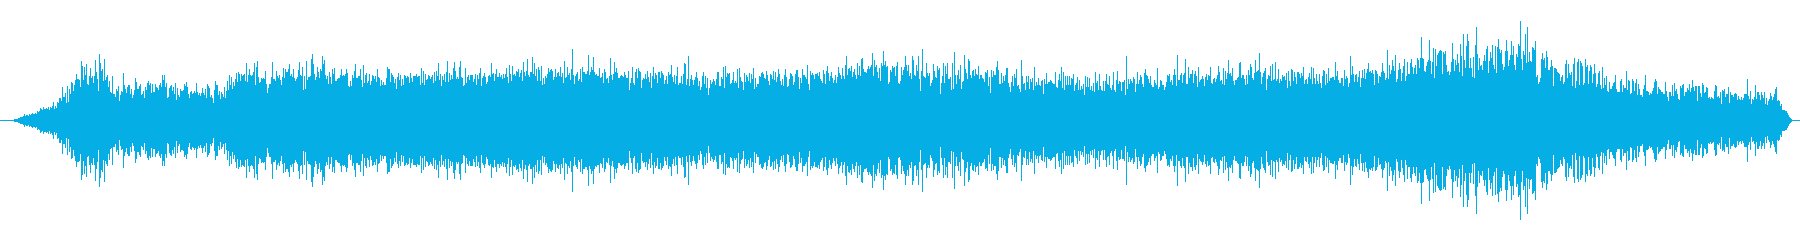 トラック ウラル4320低速加速01の再生済みの波形